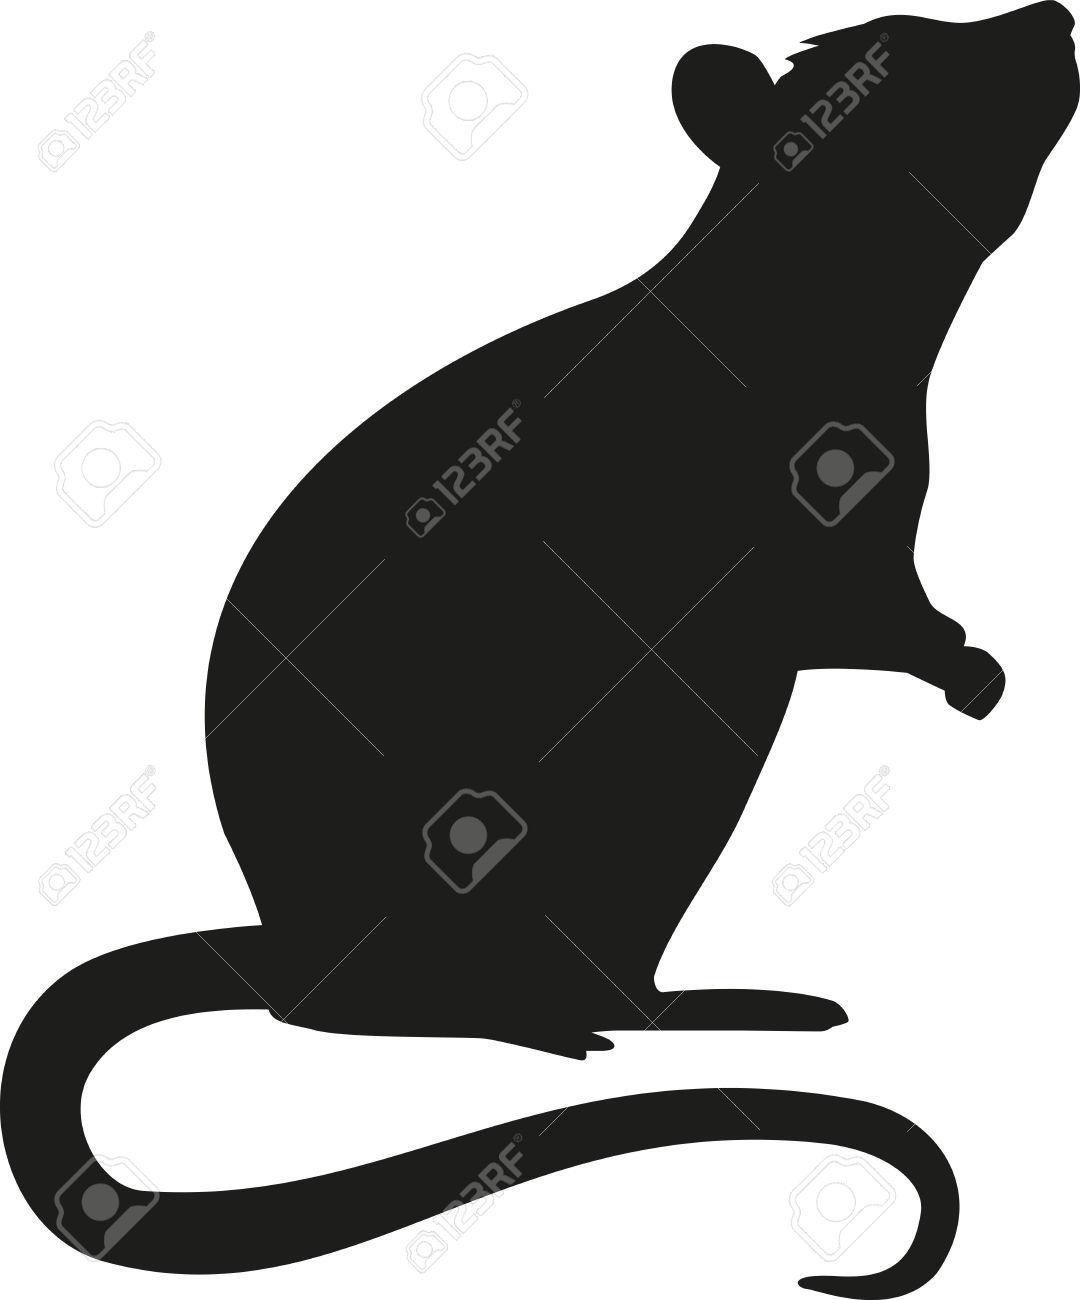 1080x1300 46602255 Standing Rat Silhouette Stock Vector Rat.jpg